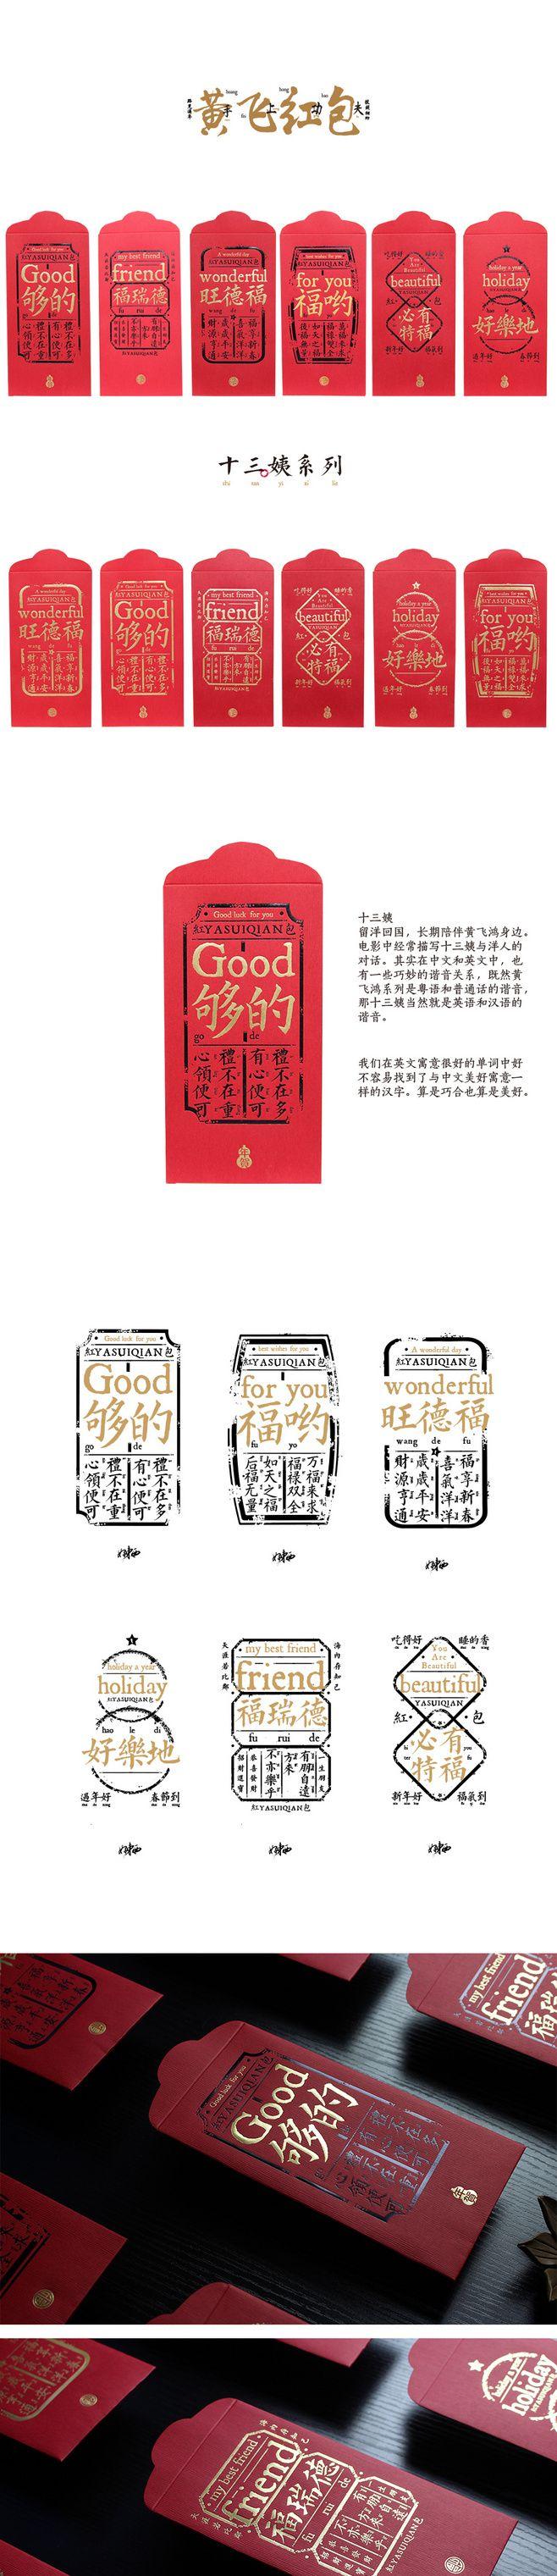 原创作品:2016新春红包之手上功夫